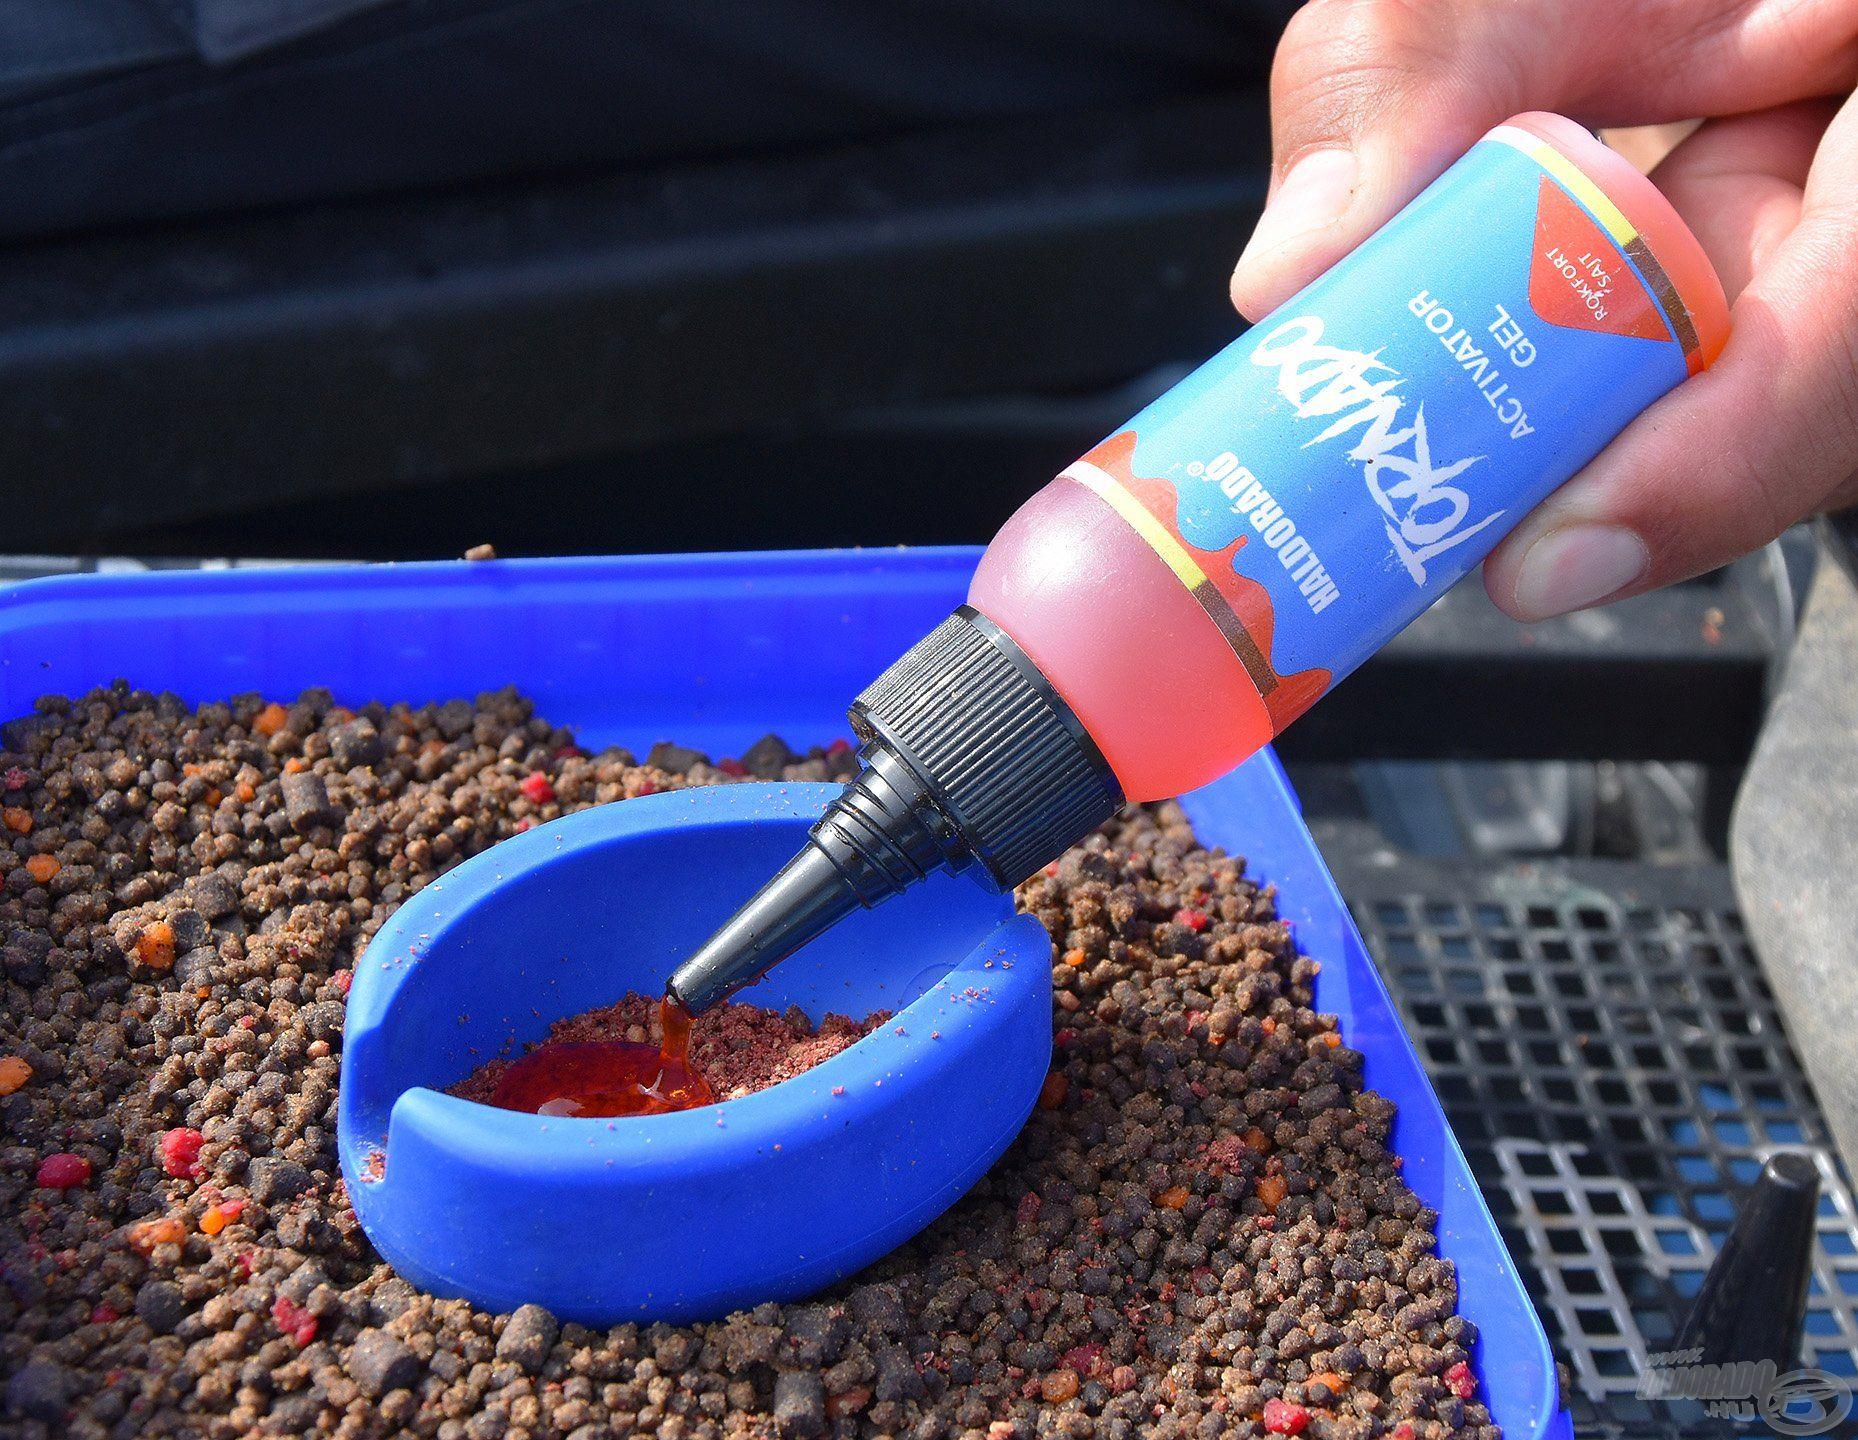 Mivel sok etetőanyag fér a kosárba, lehet aromázni a töltet belsejét is